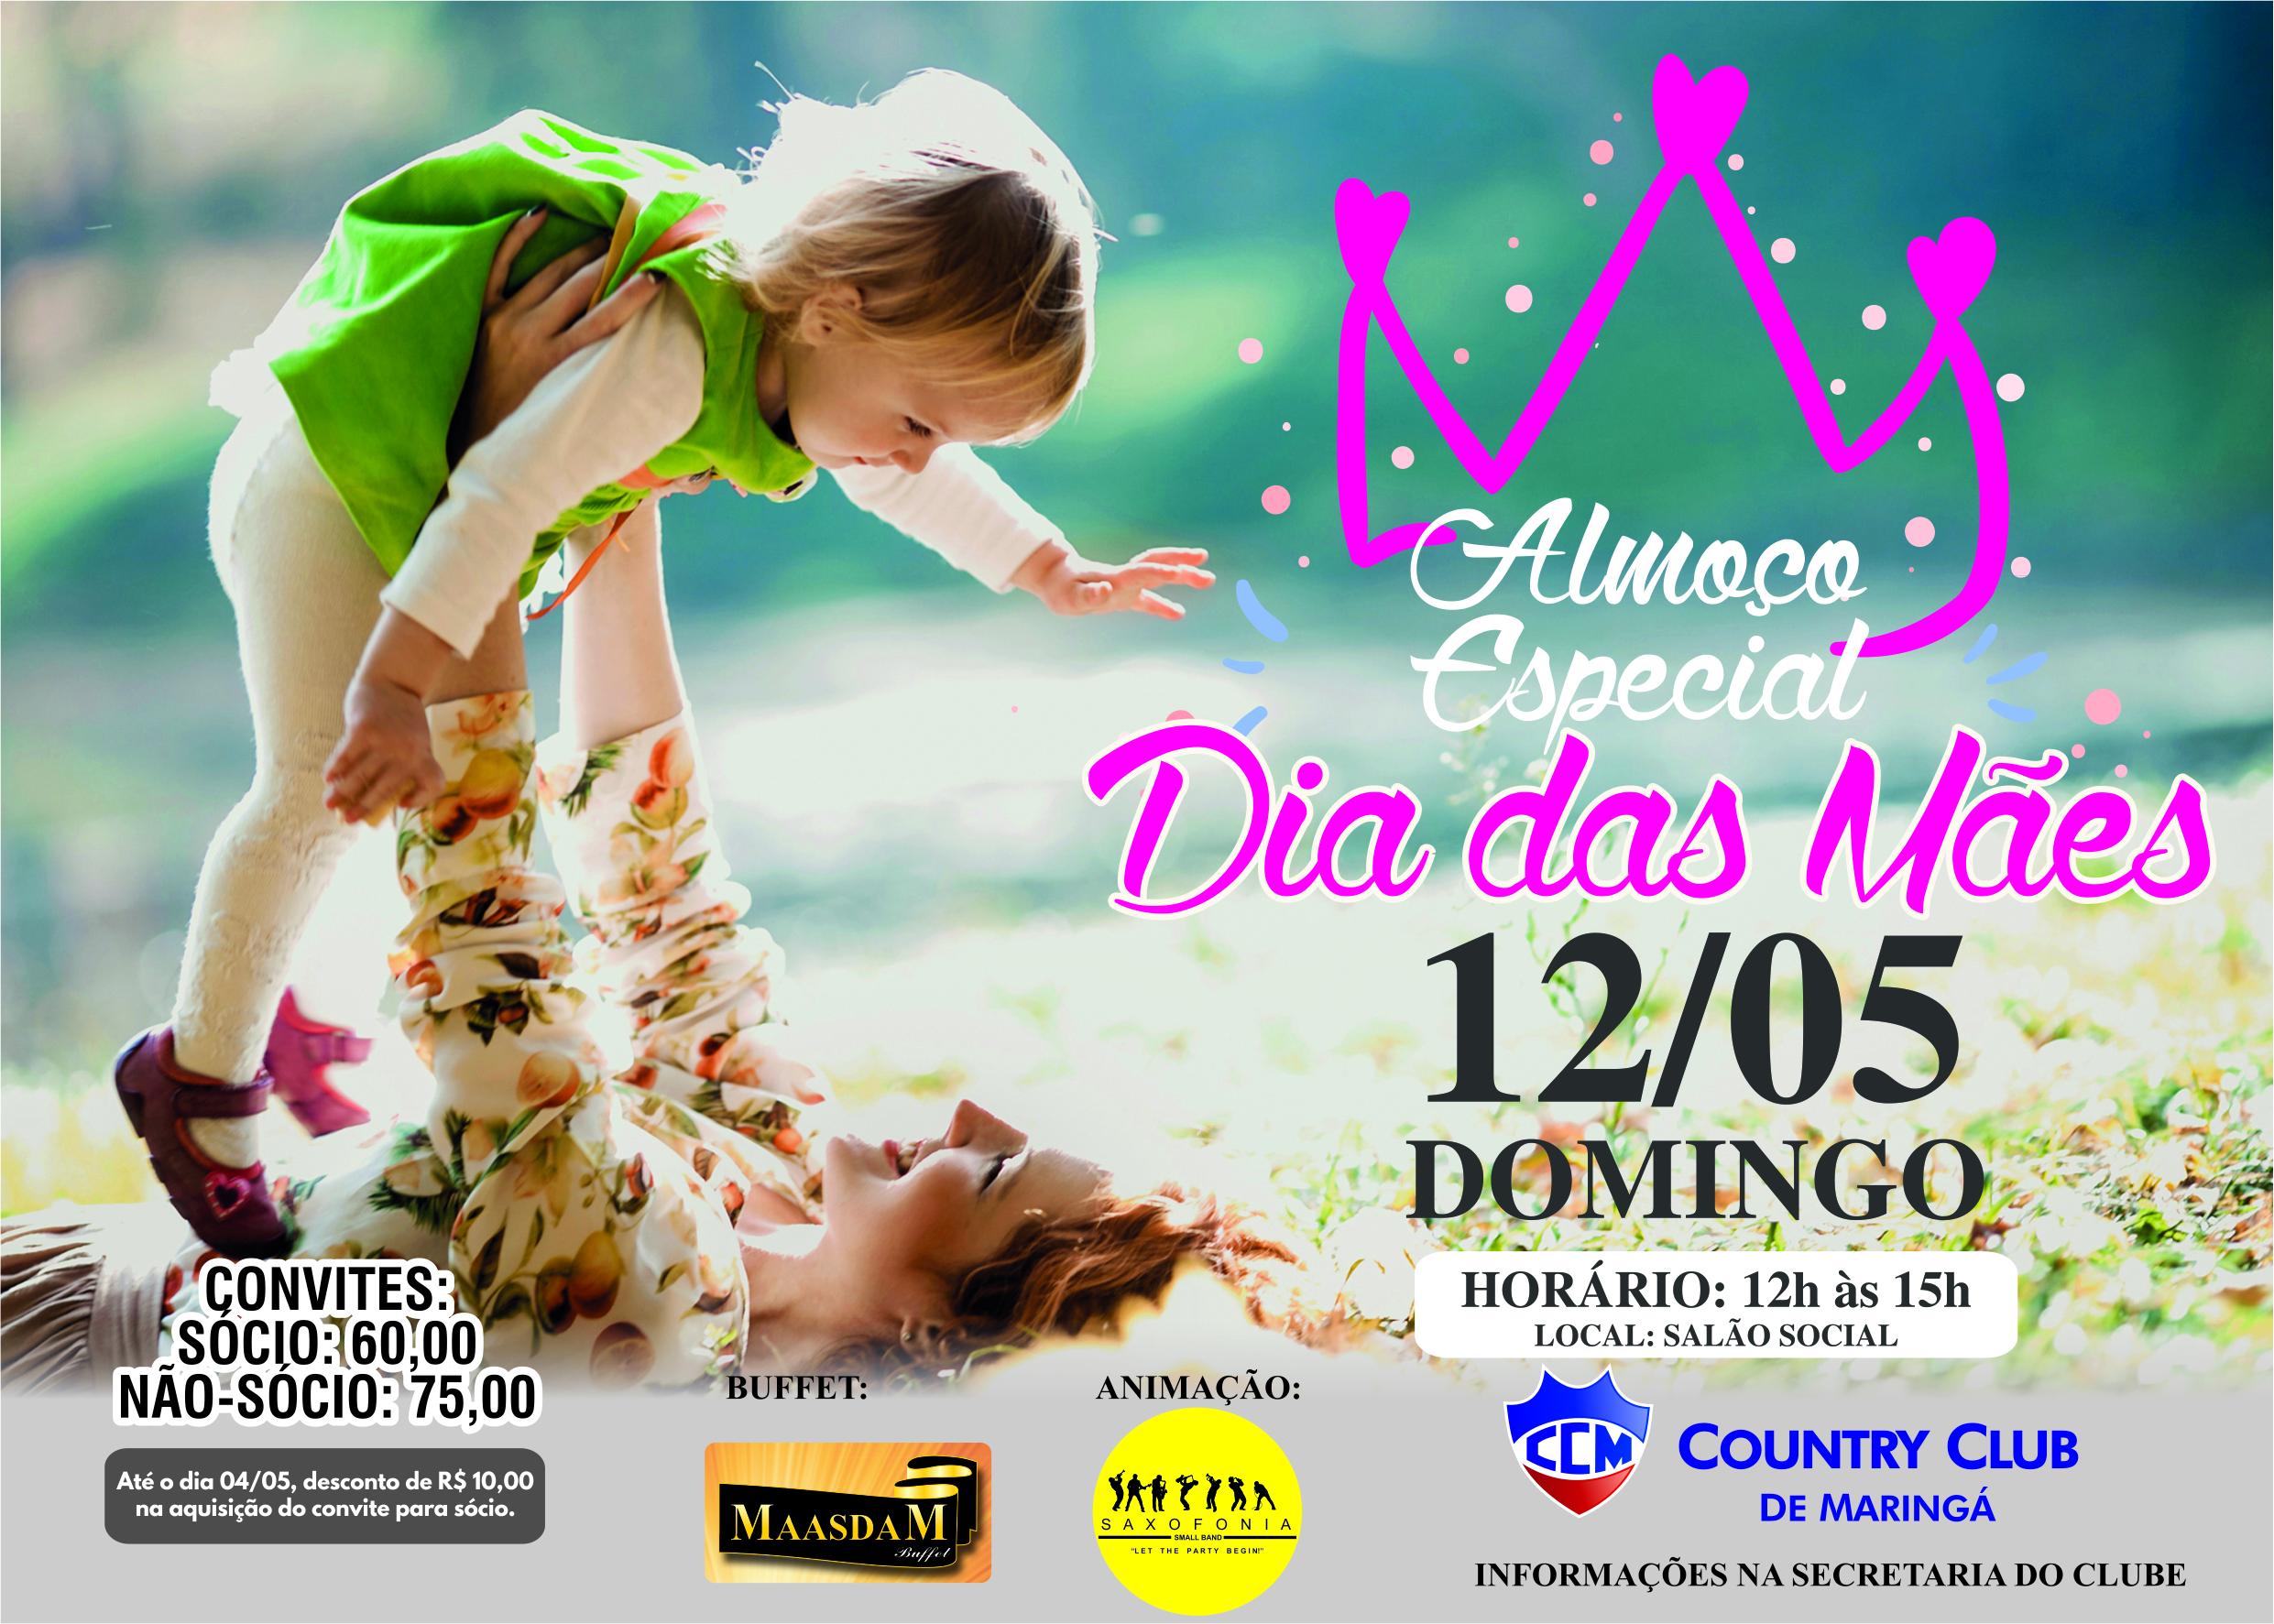 1fe33d5869a Country Club de Maringá - News